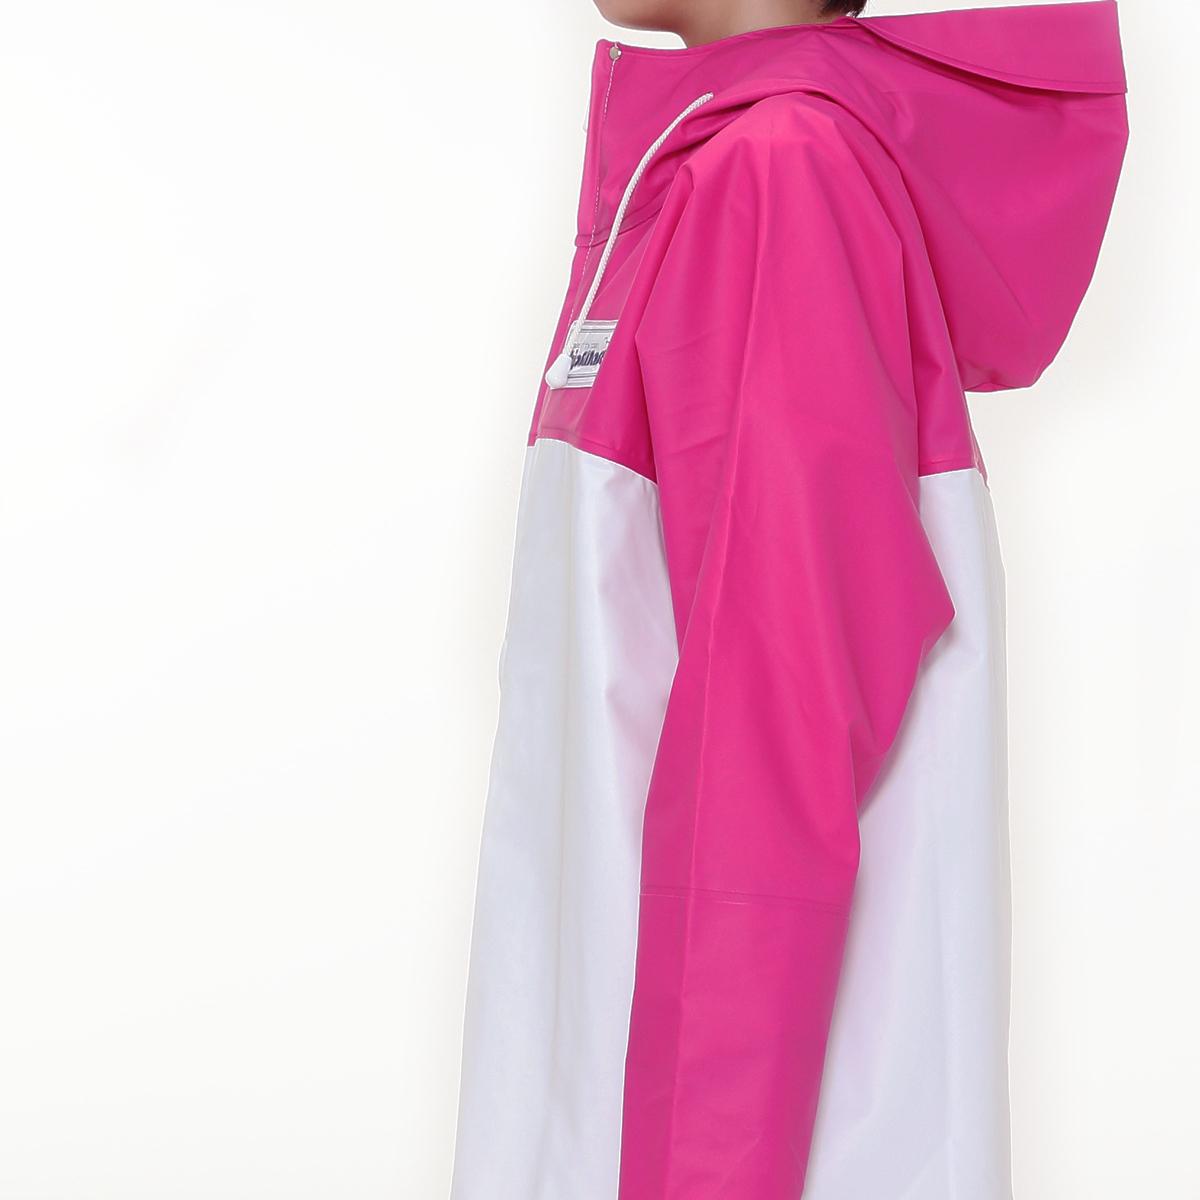 マリンジャケット 【全7色】マゼンタ/イエロー/オレンジ/ターコイズ/オレンジ×イエロー/ネイビー×ターコイズ